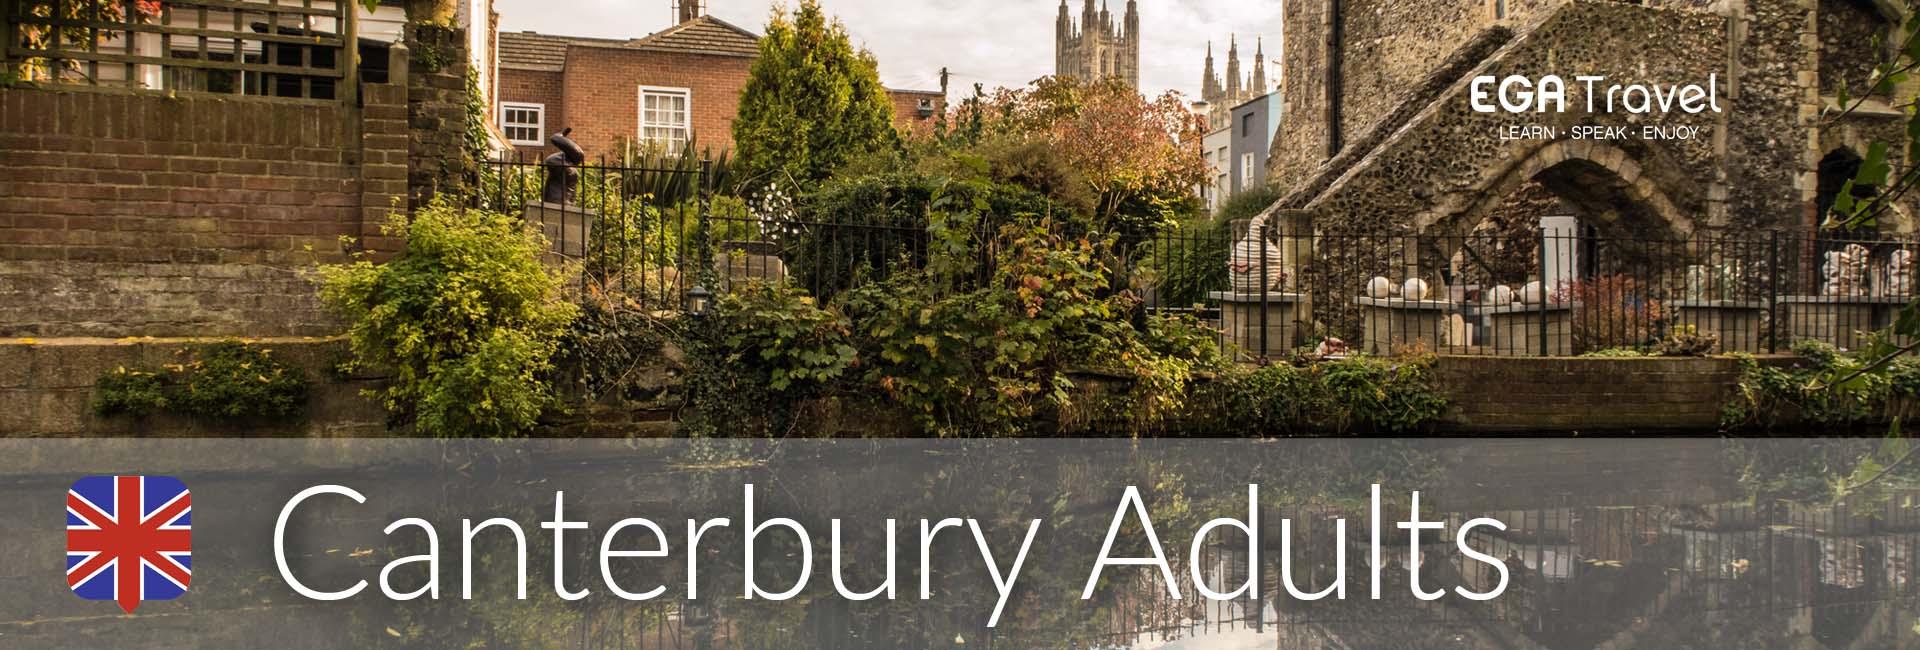 Canterbury Adultos Inmersión Lingüística Reino Unido